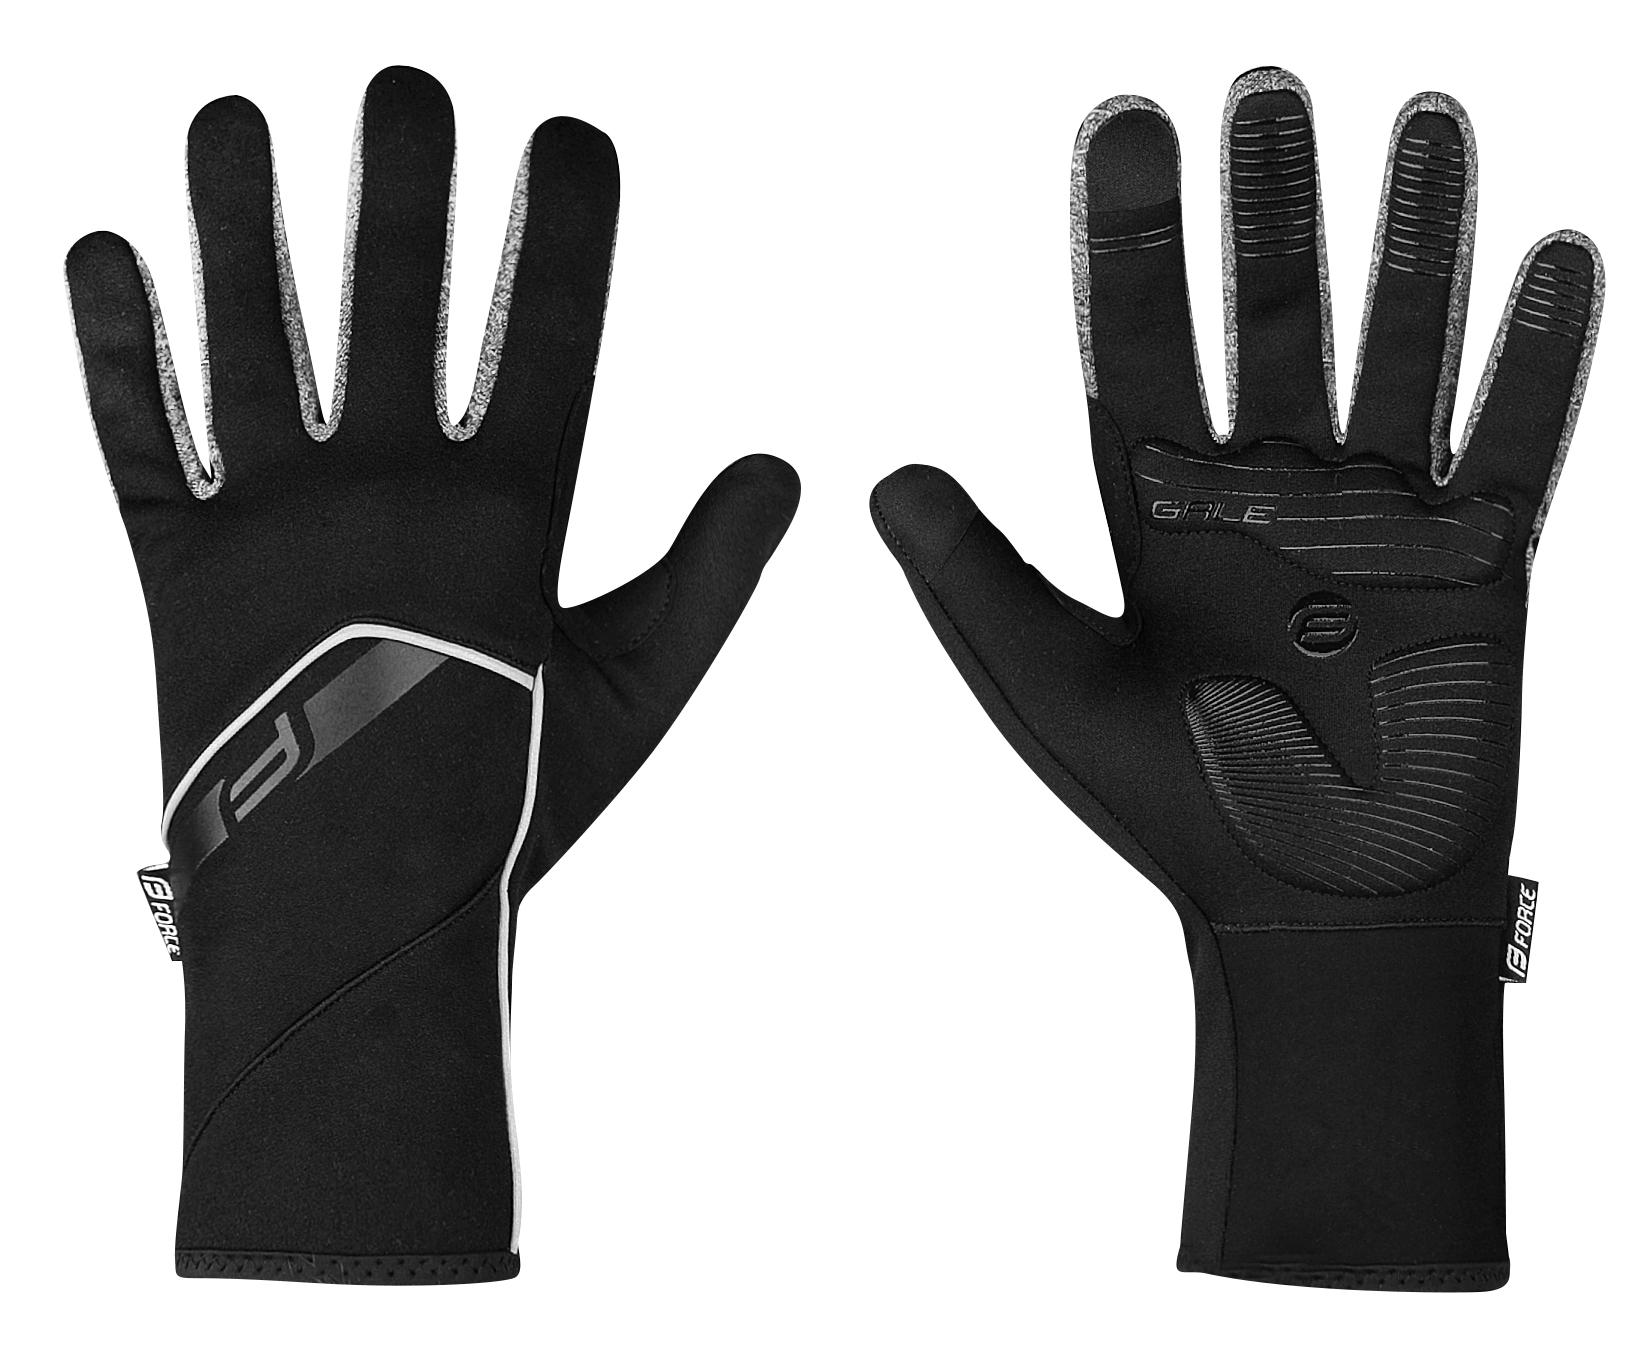 rukavice FORCE GALE softshell, jaro-podzim, černé S